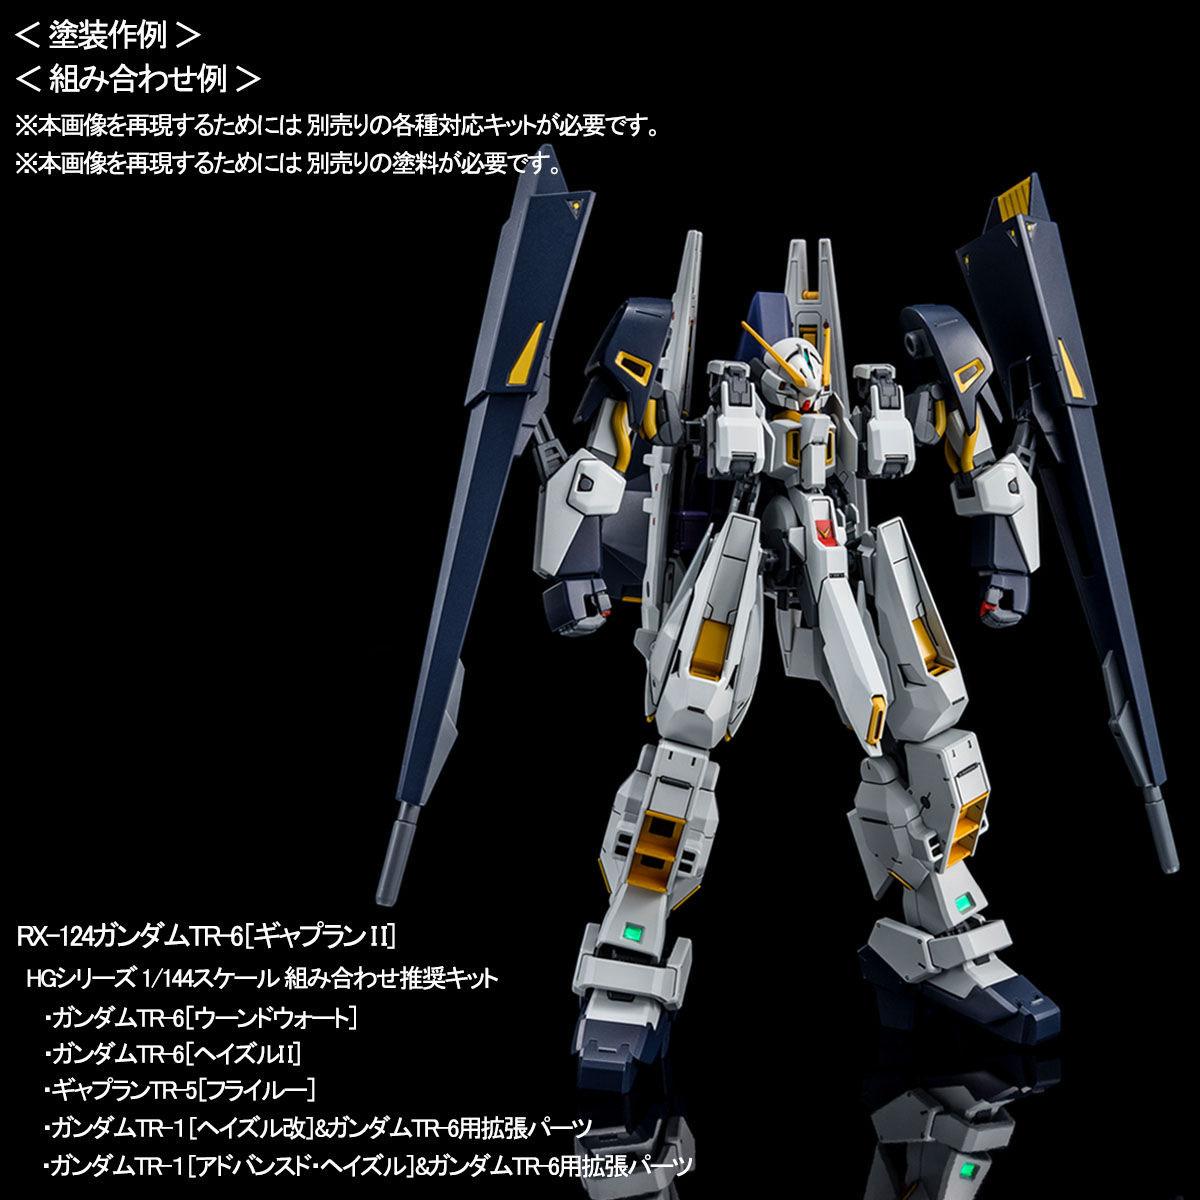 HG 1/144『ガンダムTR-1[アドバンスド・ヘイズル]&ガンダムTR-6用拡張パーツ』プラモデル-010